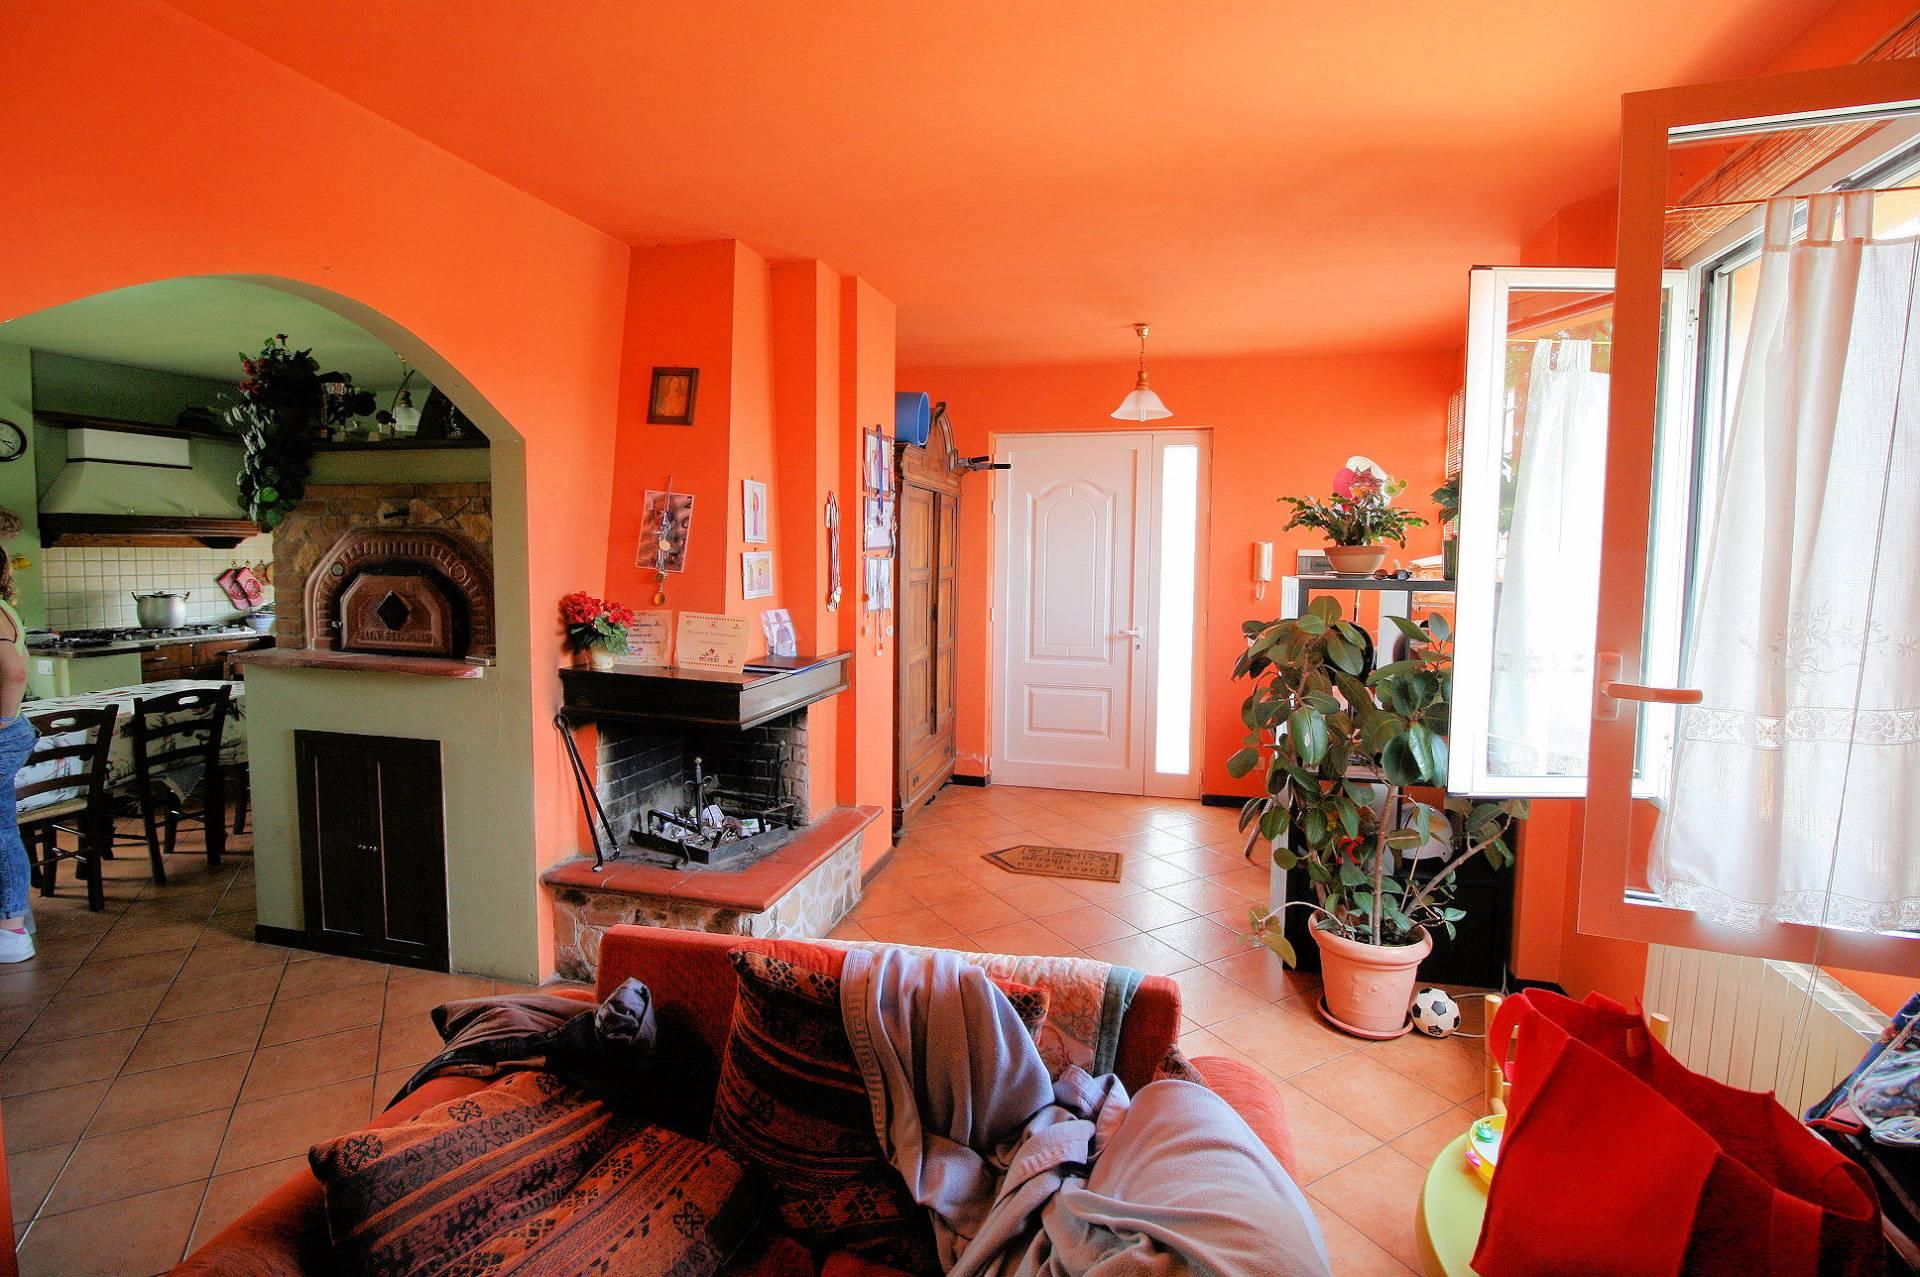 Appartamento in vendita a Massarosa, 7 locali, zona Zona: Massarosa, prezzo € 269.000 | Cambio Casa.it